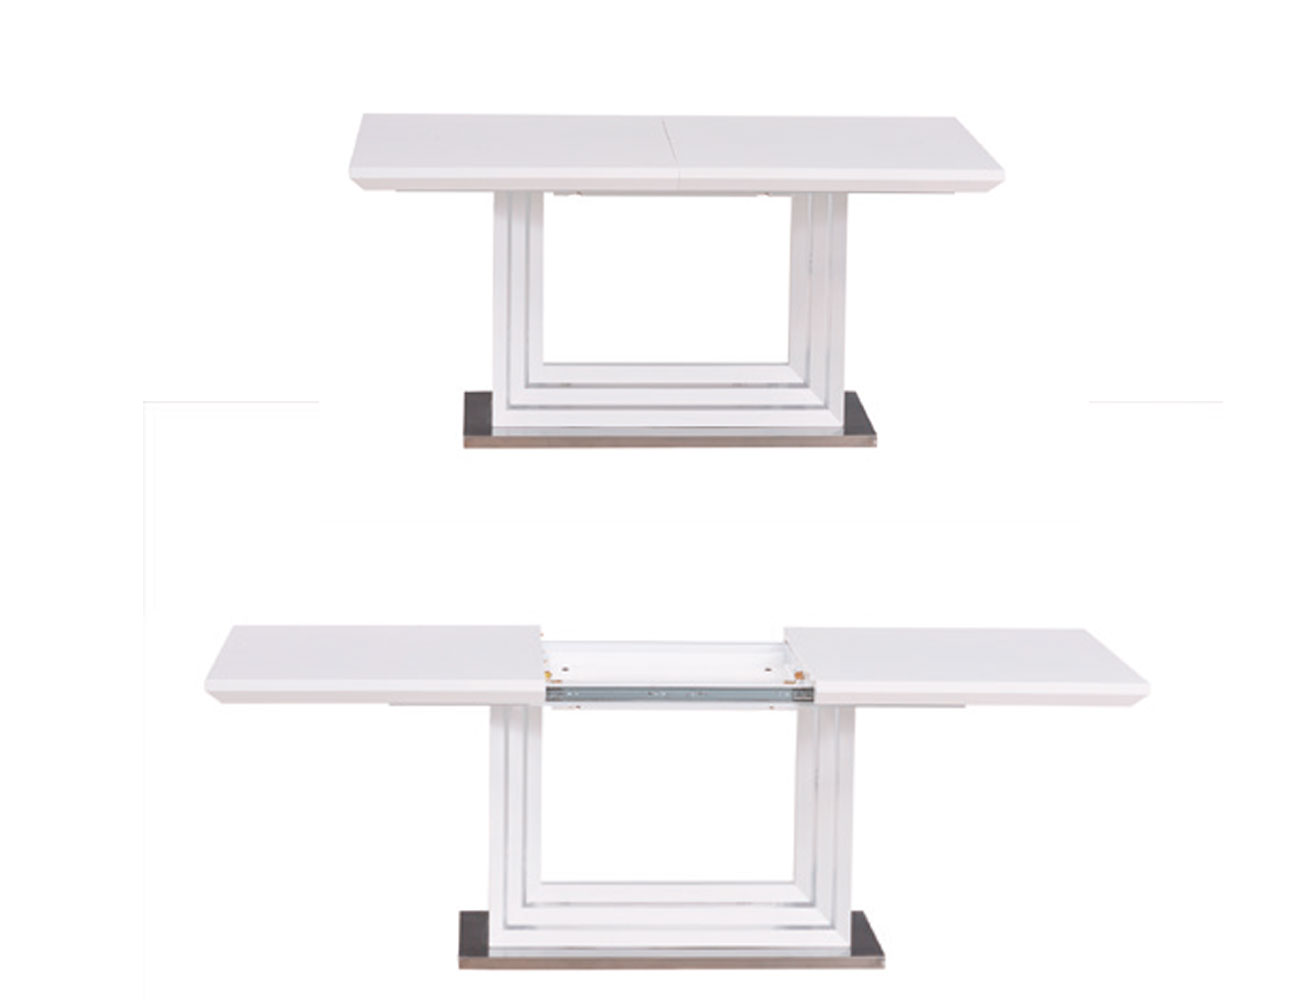 Mesa de comedor lacada en blanco alto brillo extensible for Mesa comedor blanca lacada